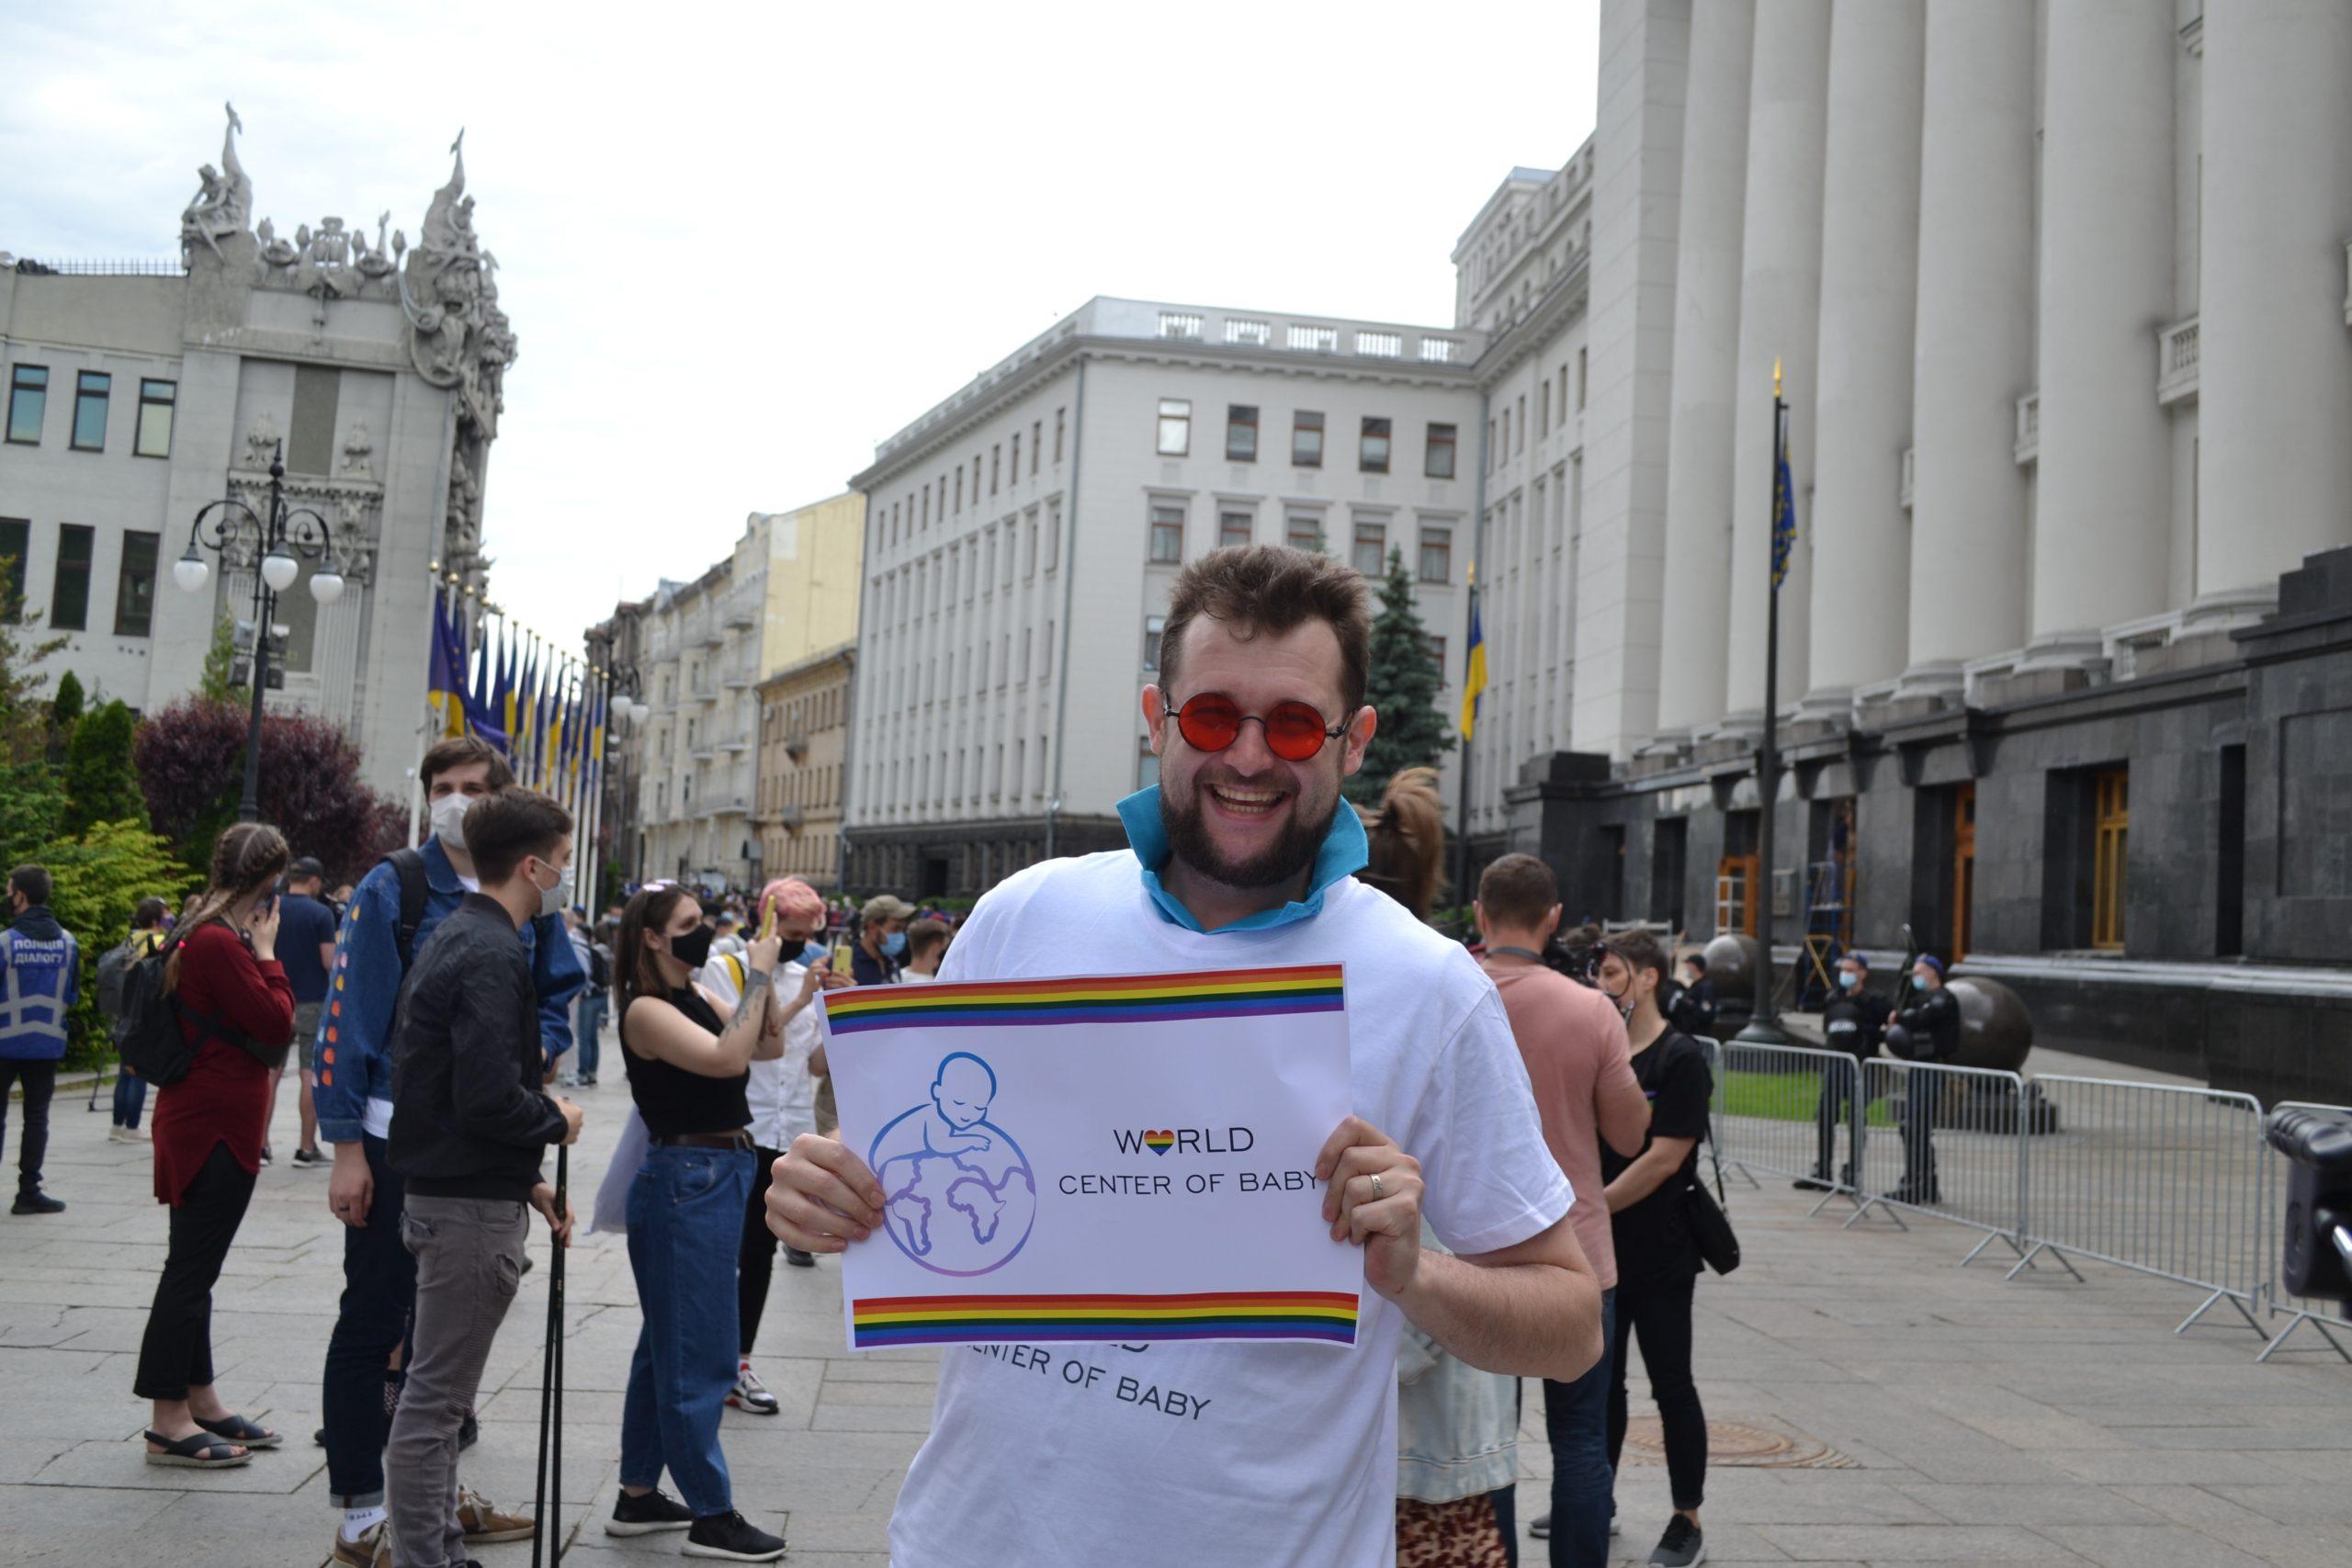 Marcia per l'uguaglianza LGBTQ a Kiev 2021 - WCOB dalla discriminazione